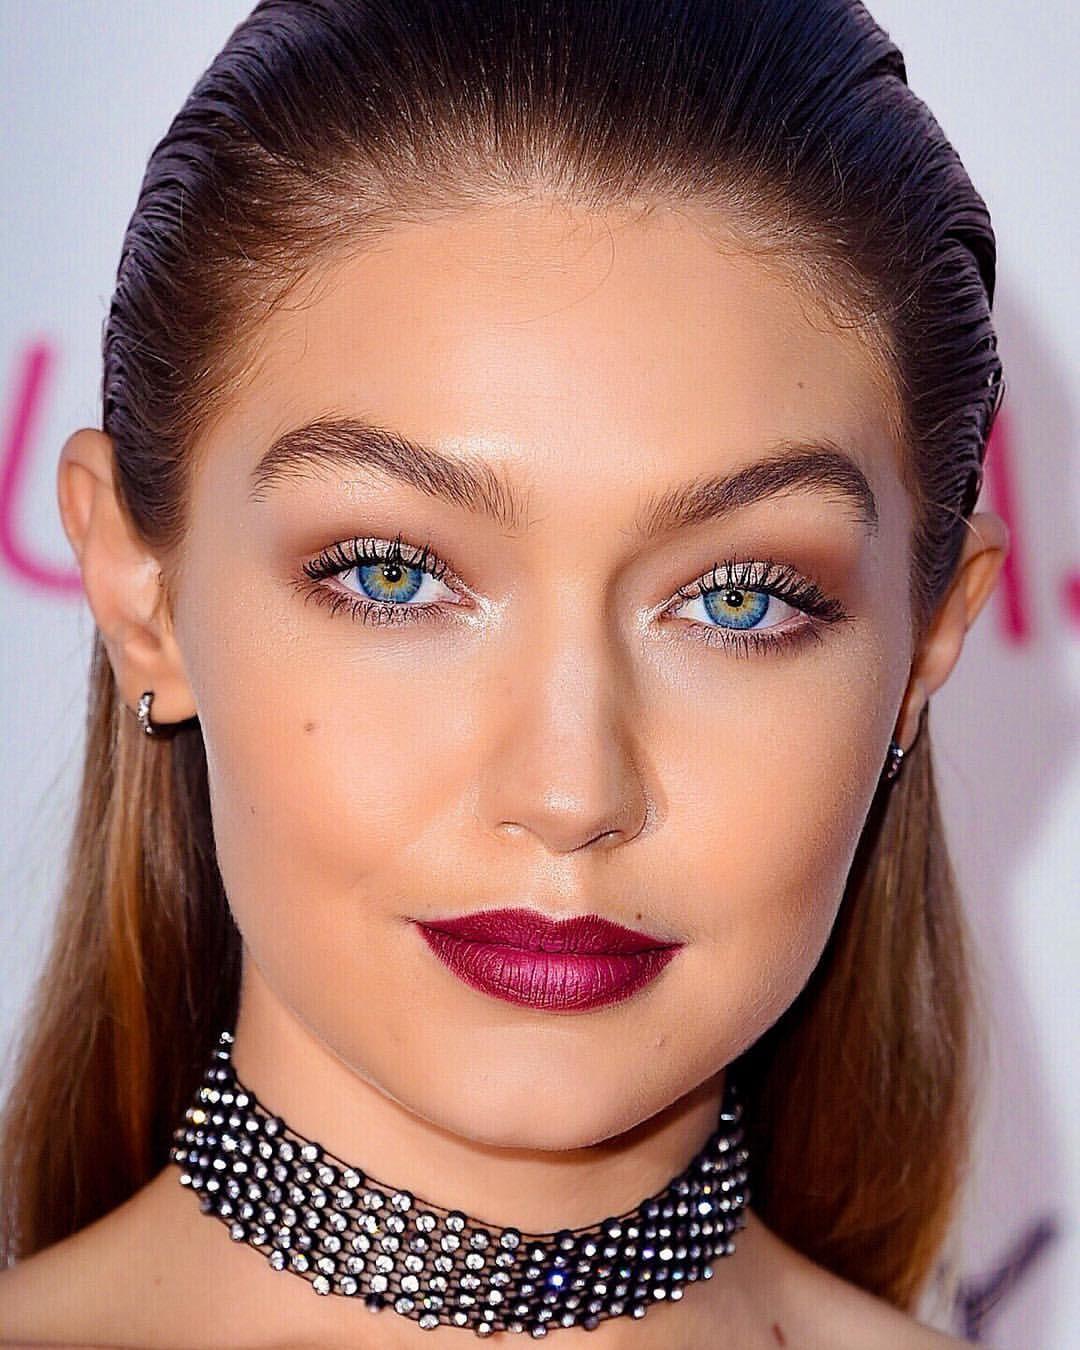 Gigi Hadid Maybelline Makeup Line | Allure